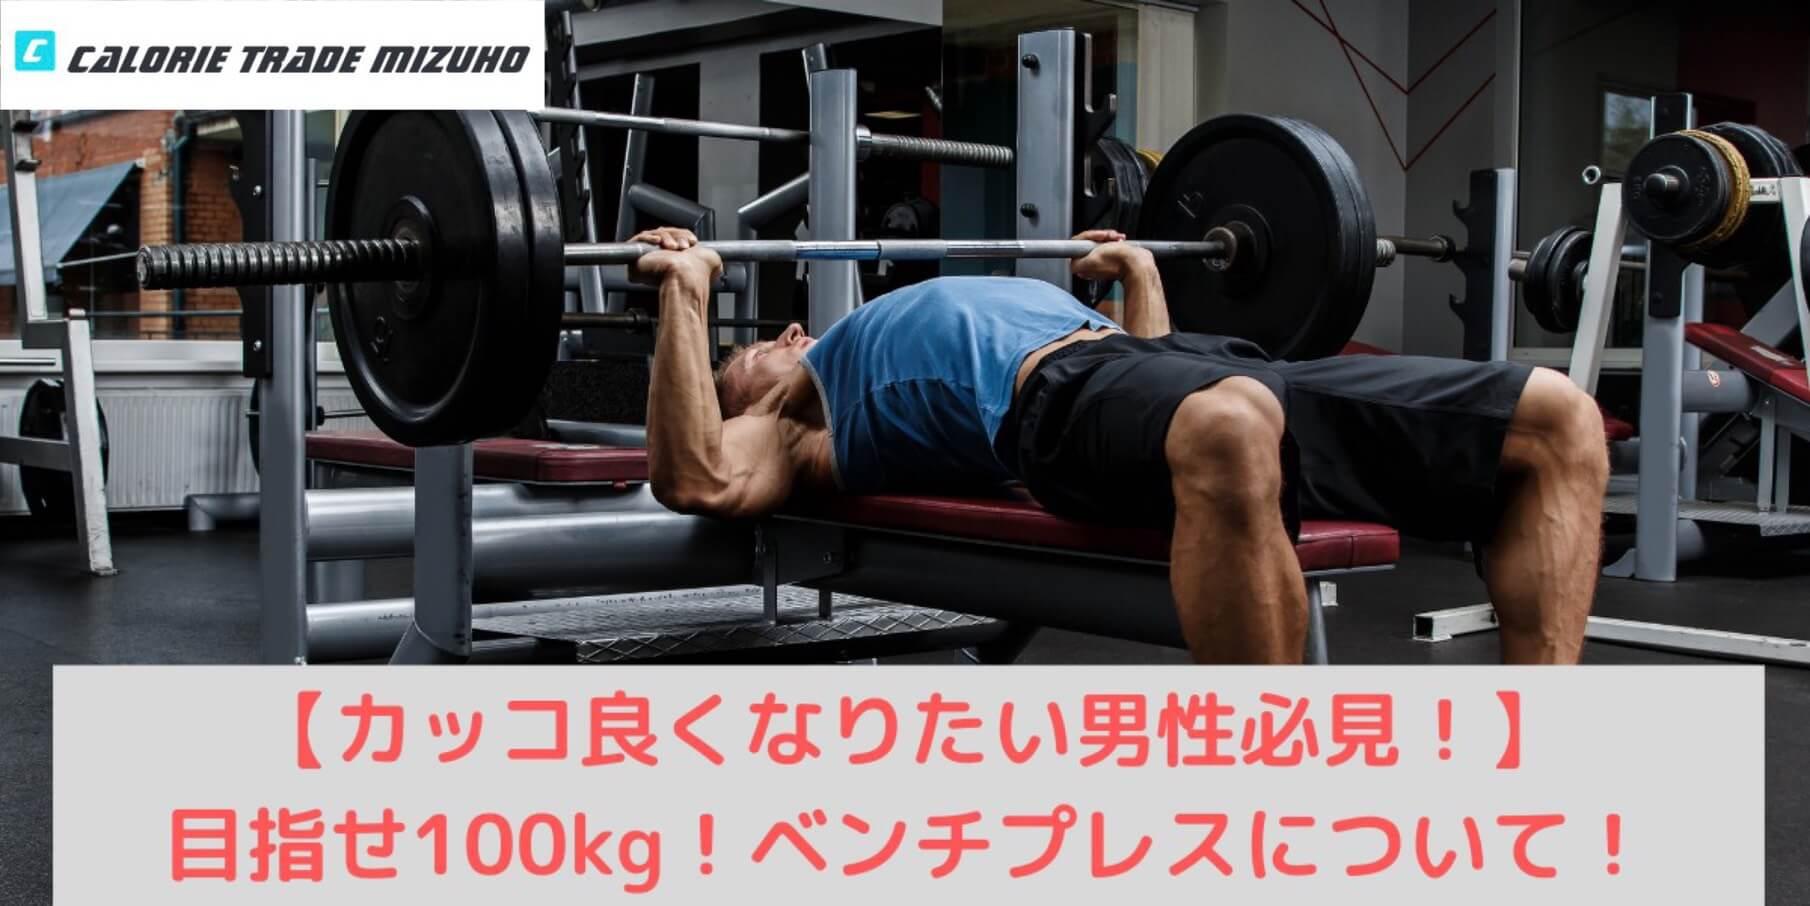 【カッコ良くなりたい男性必見!】目指せ100kg!ベンチプレスについて!